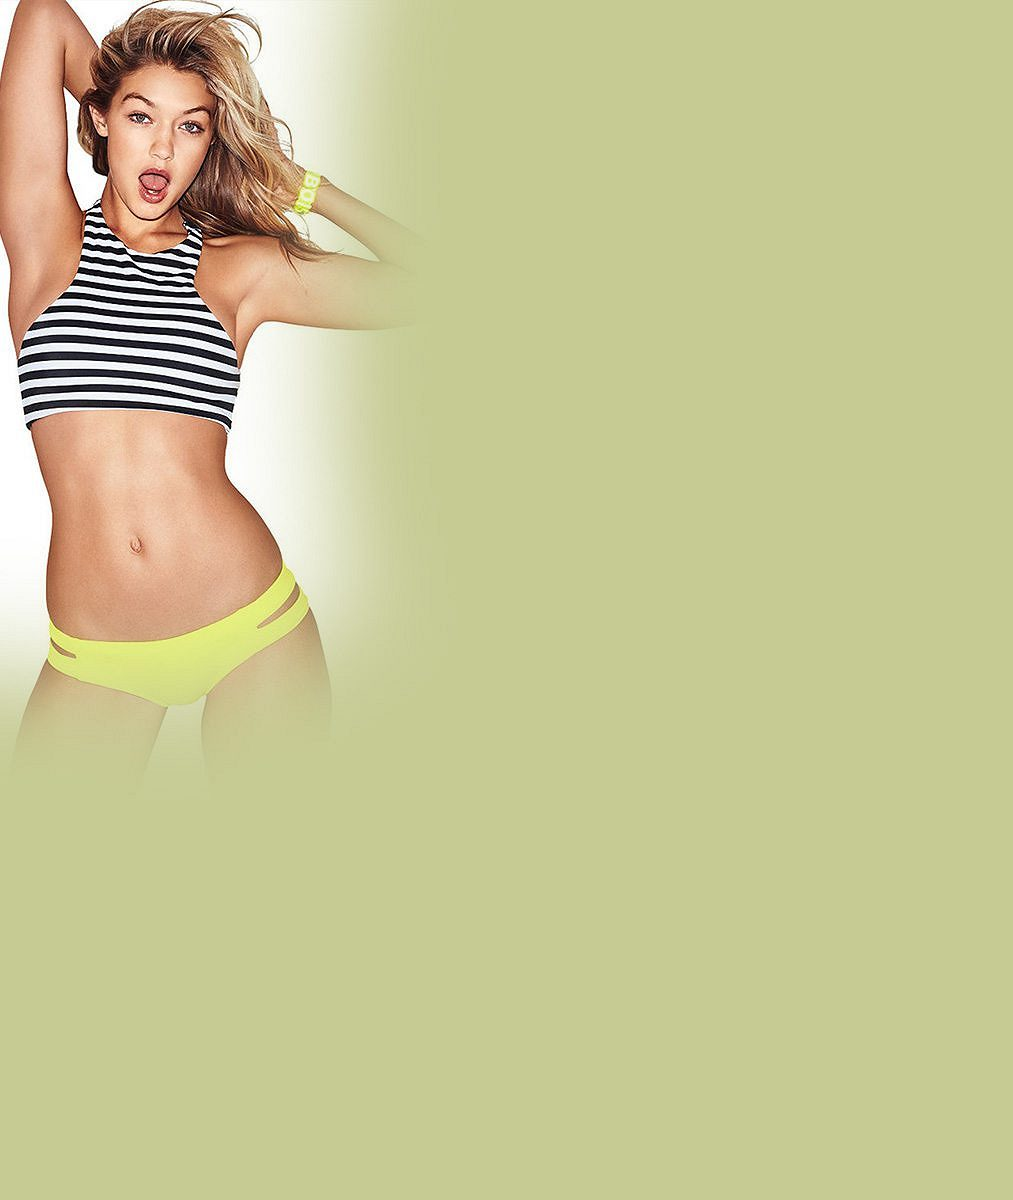 Vkampaních na plavky ji musí celou retušovat: Známá modelka je jinak samá piha